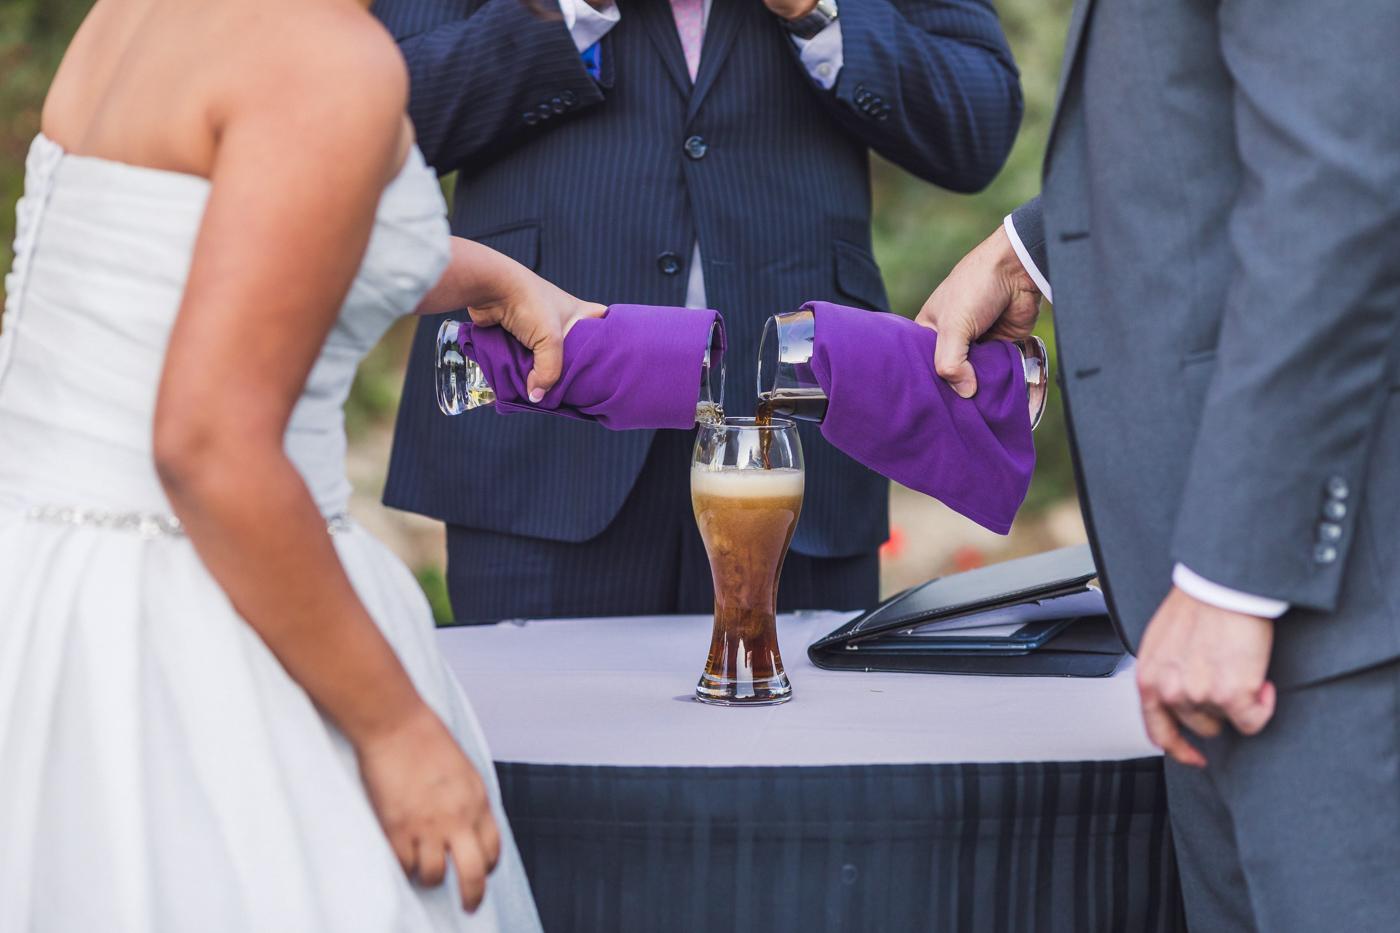 wedding-ceremony-unity-beer